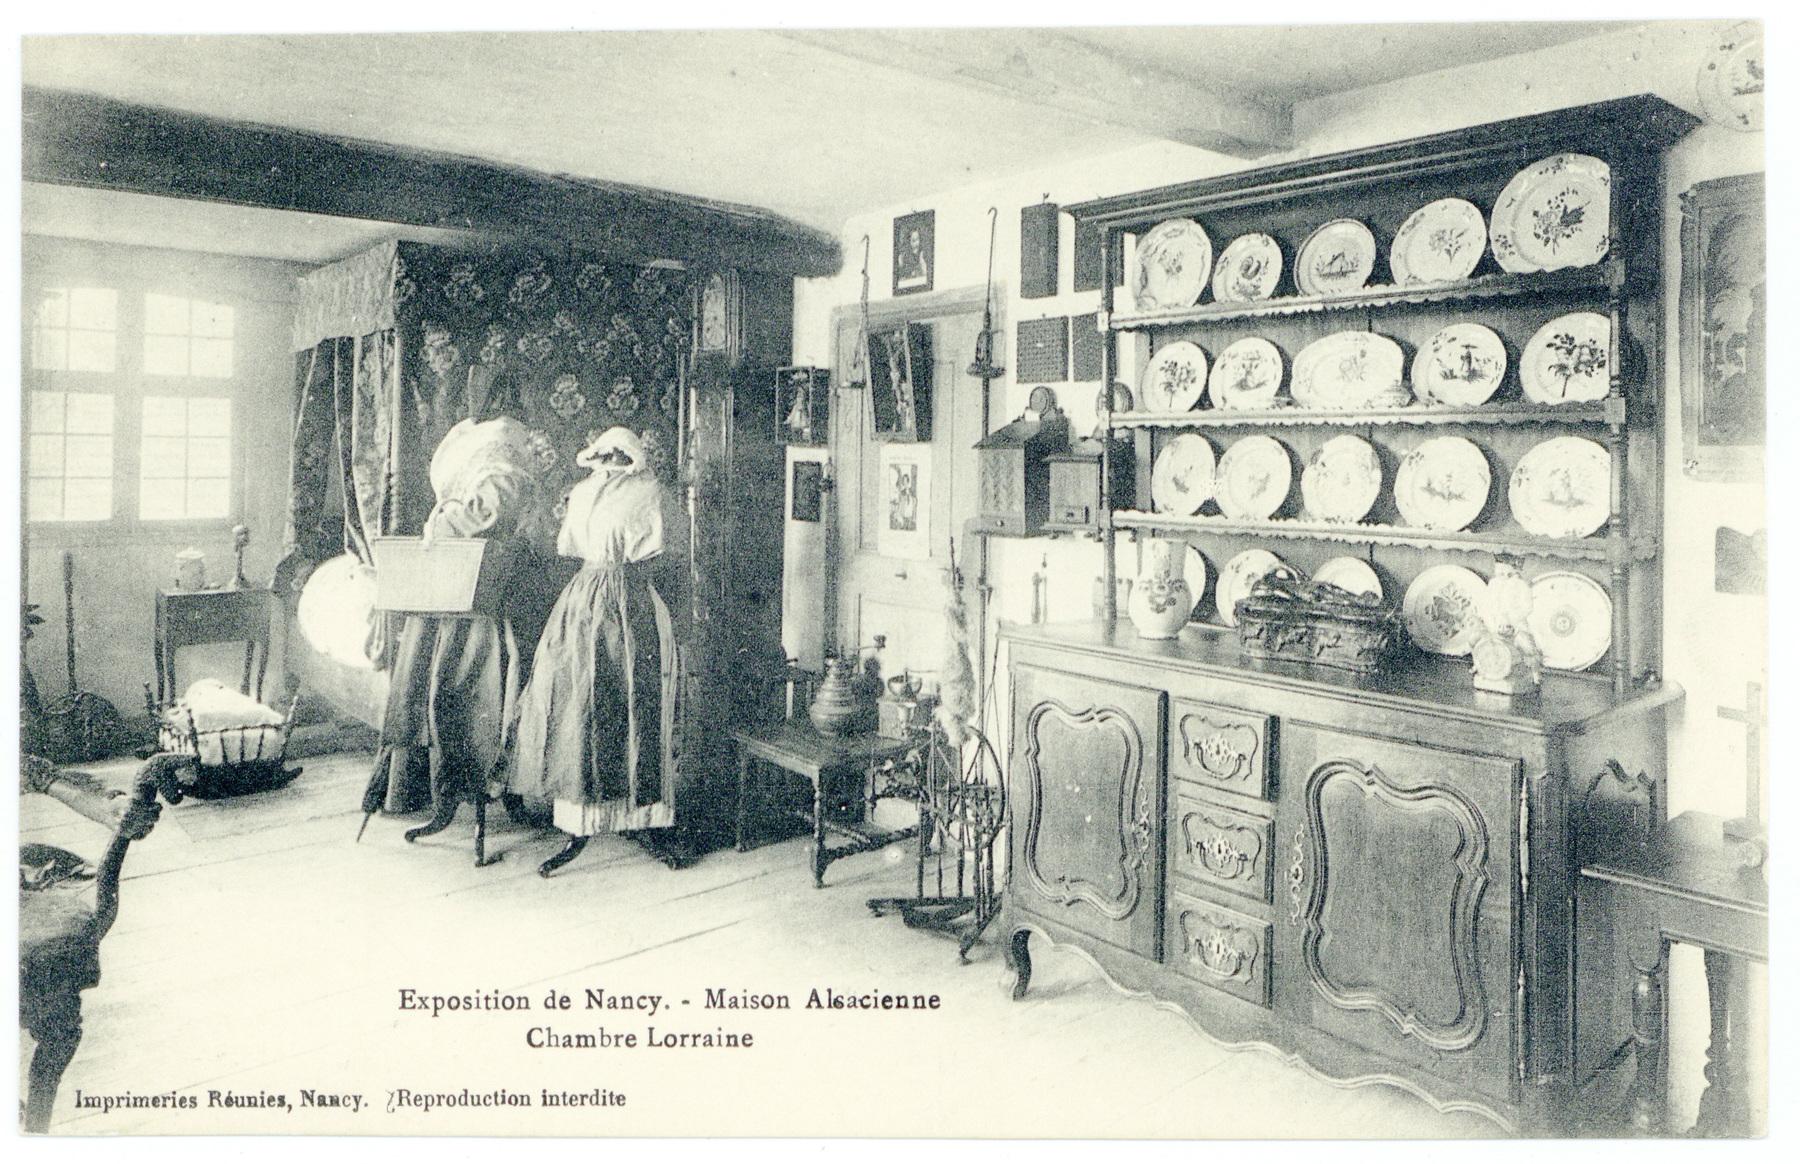 Contenu du Chambre lorraine